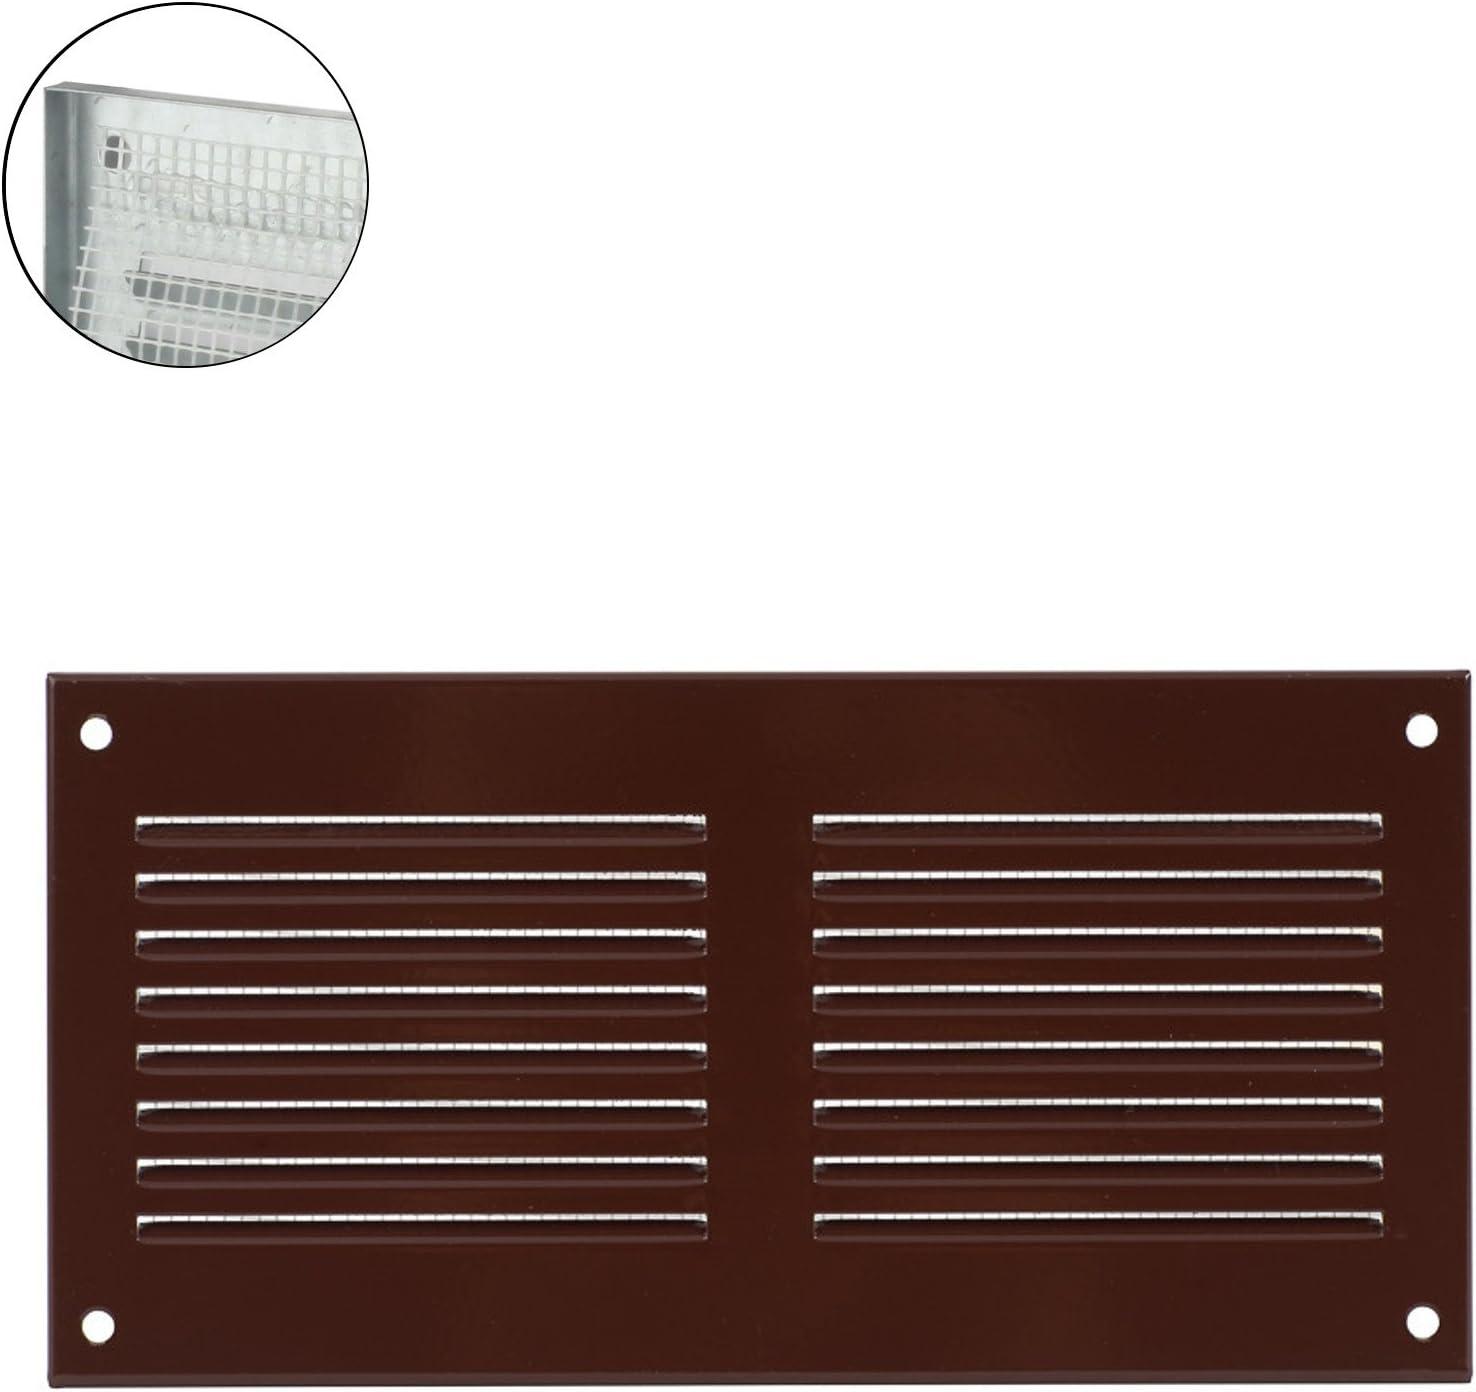 Grille de ventilation murale en m/étal entr/ée et sortie d/'air Protection anti-insectes MKK 18526 marron